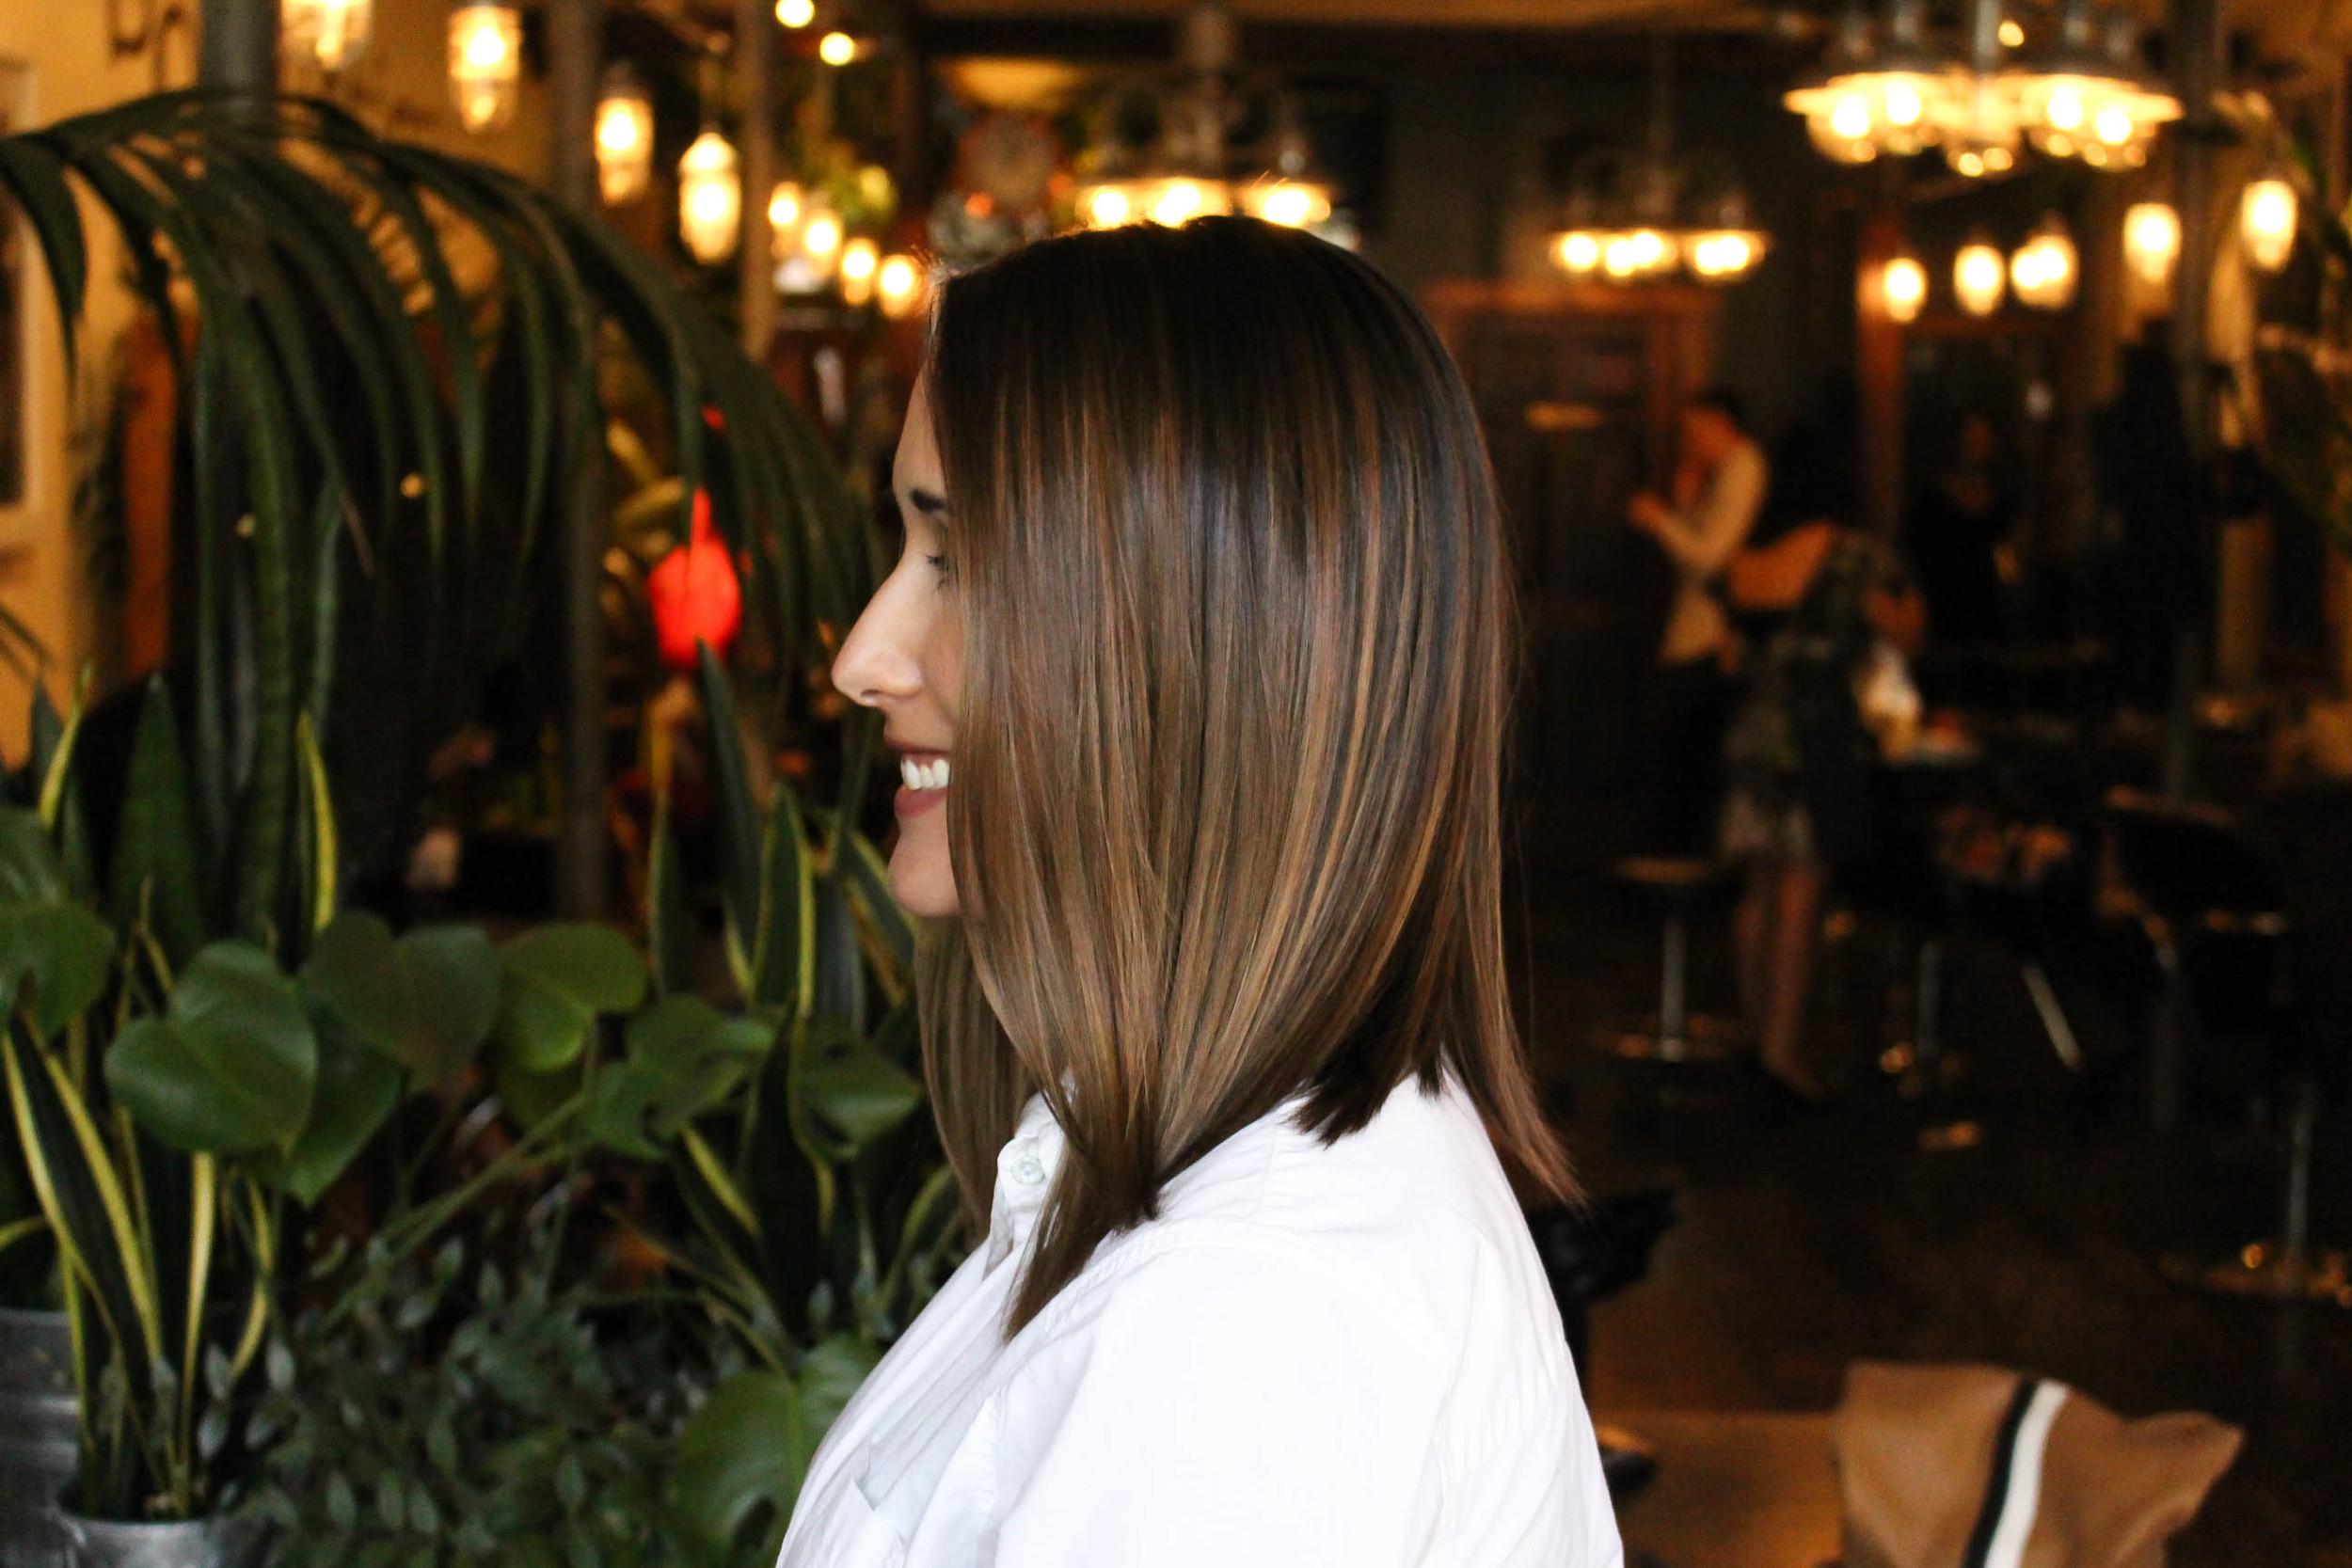 hairoct25 (15 of 18).jpg